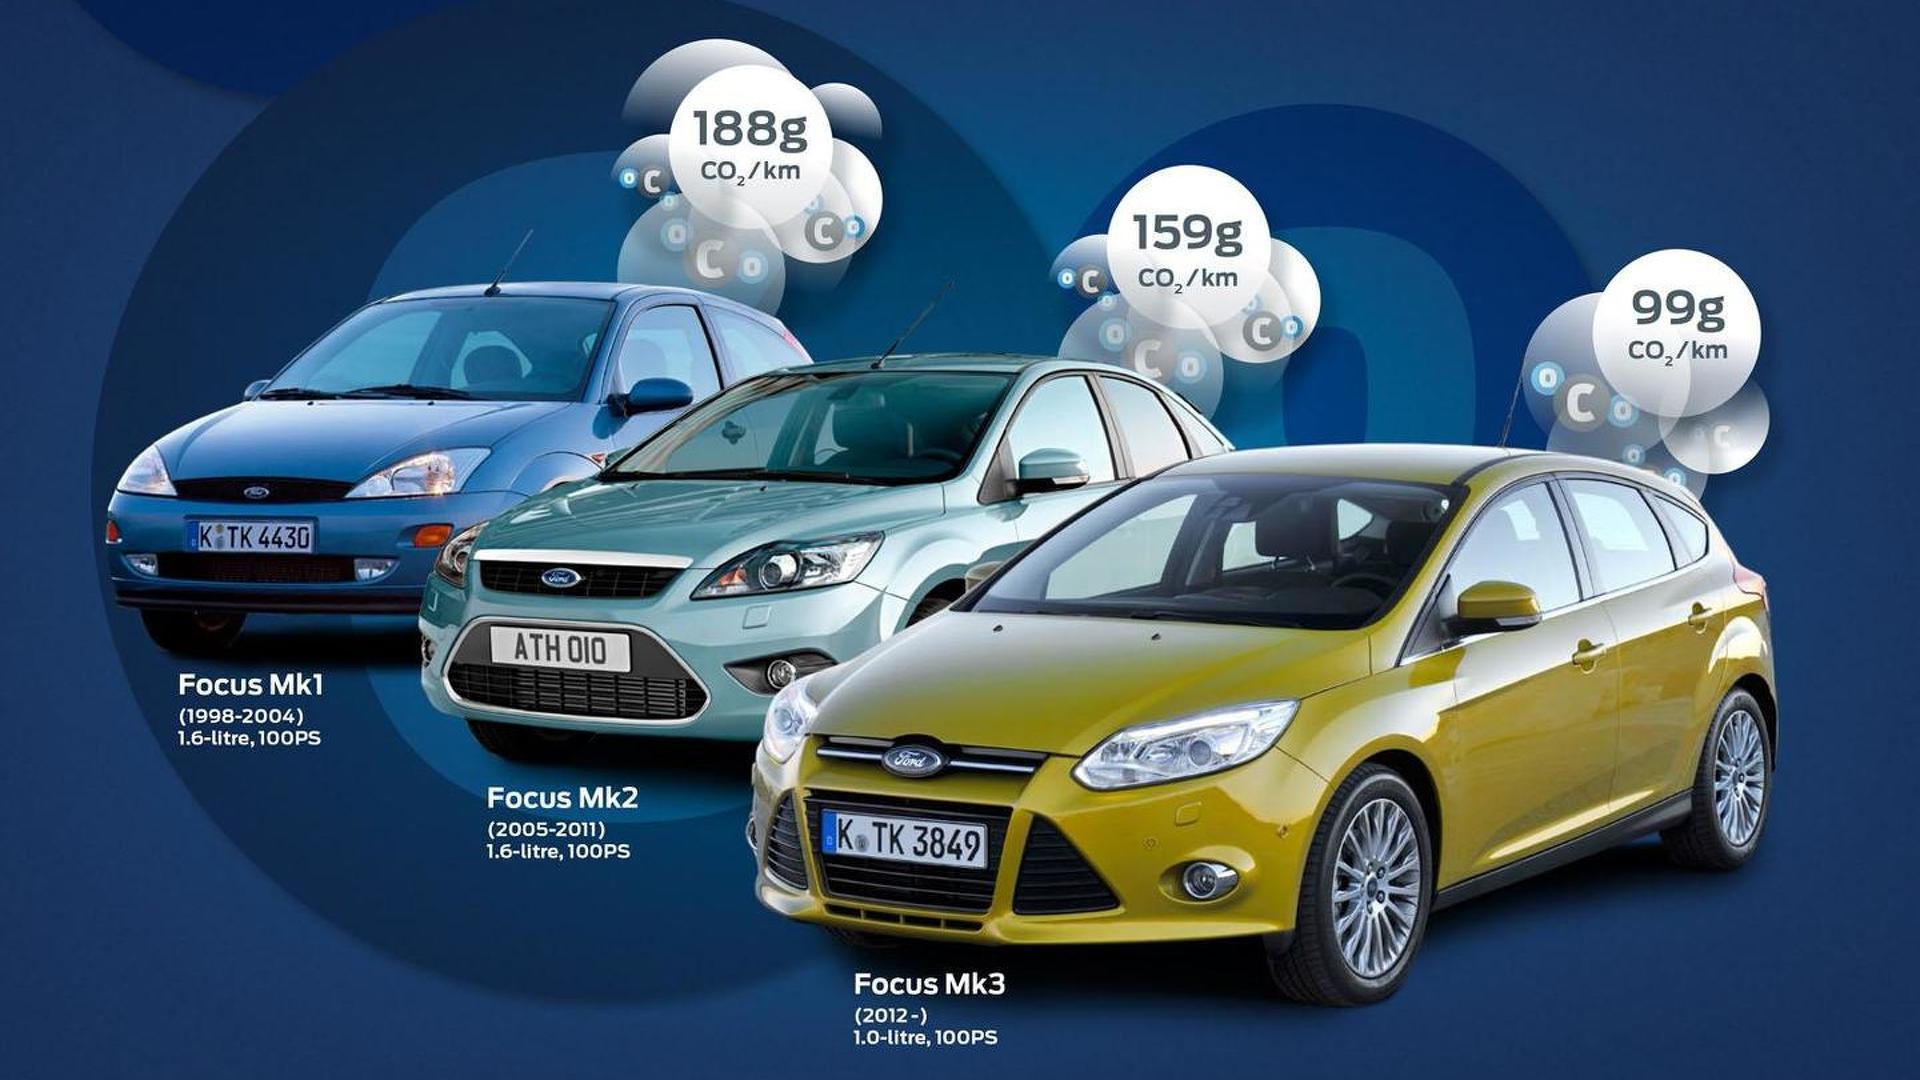 فورد و کاهش انتشار گاز CO2 با استفاده از انرژی تجدید پذیر و وسایل نقلیه برقی